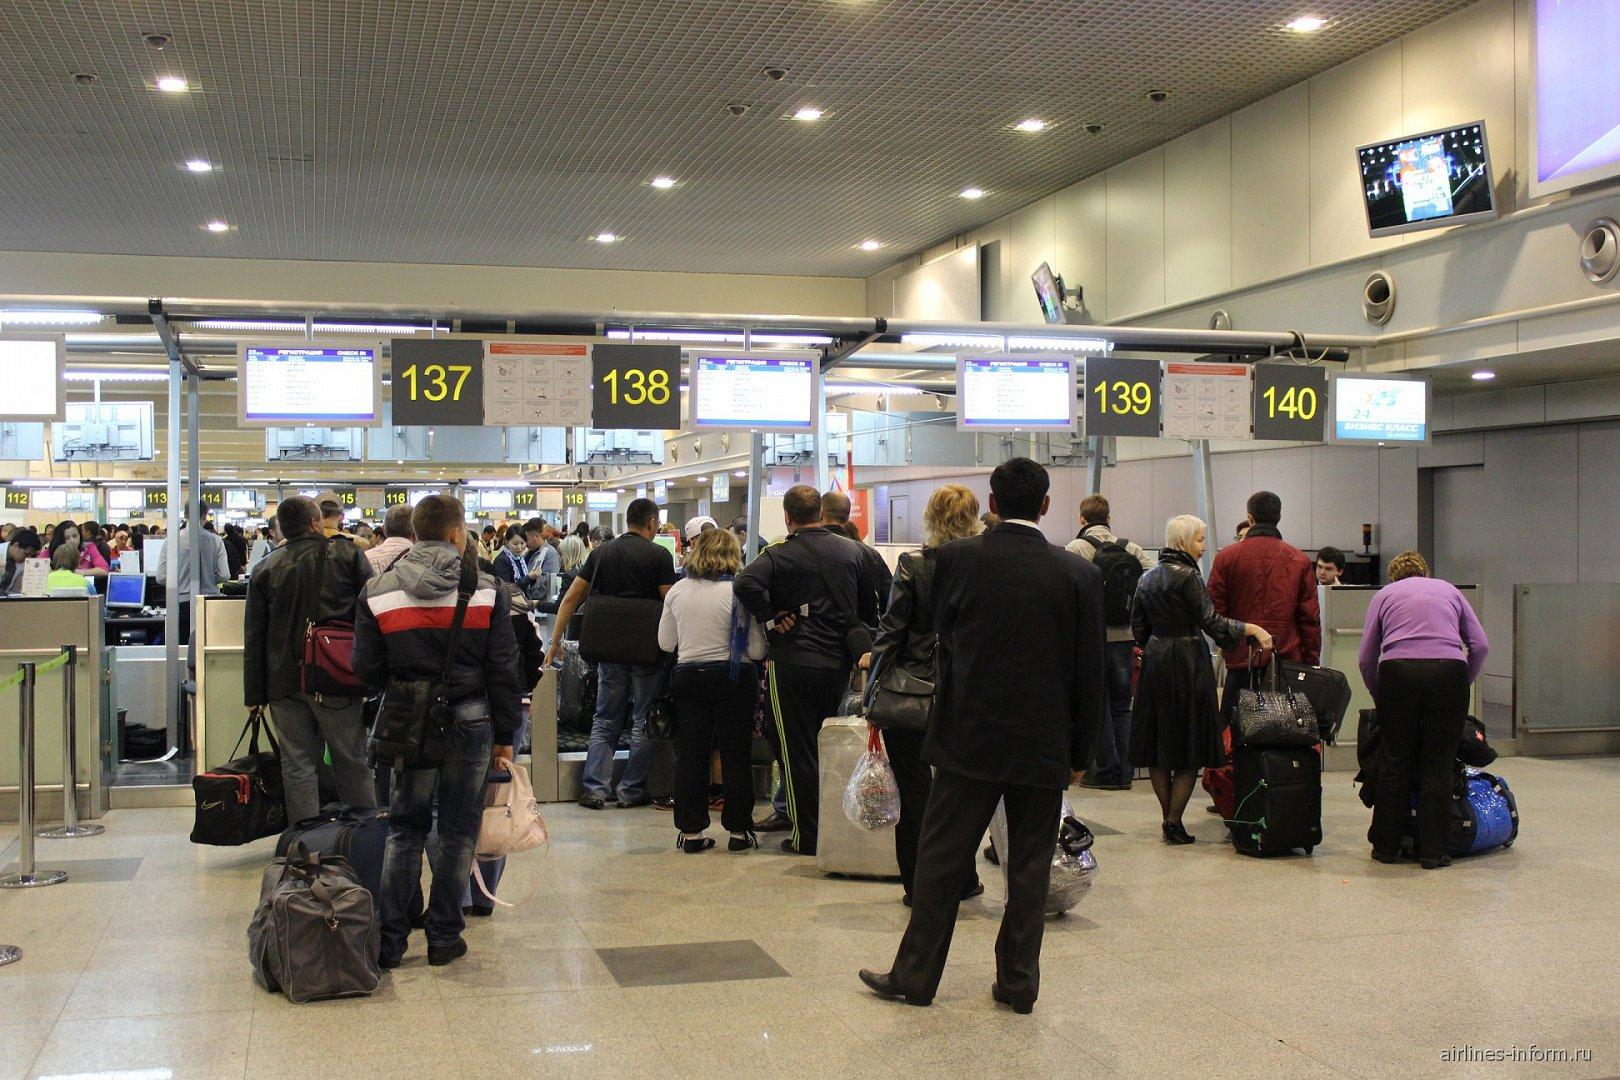 Стойки регистрации аэропорта Домодедово